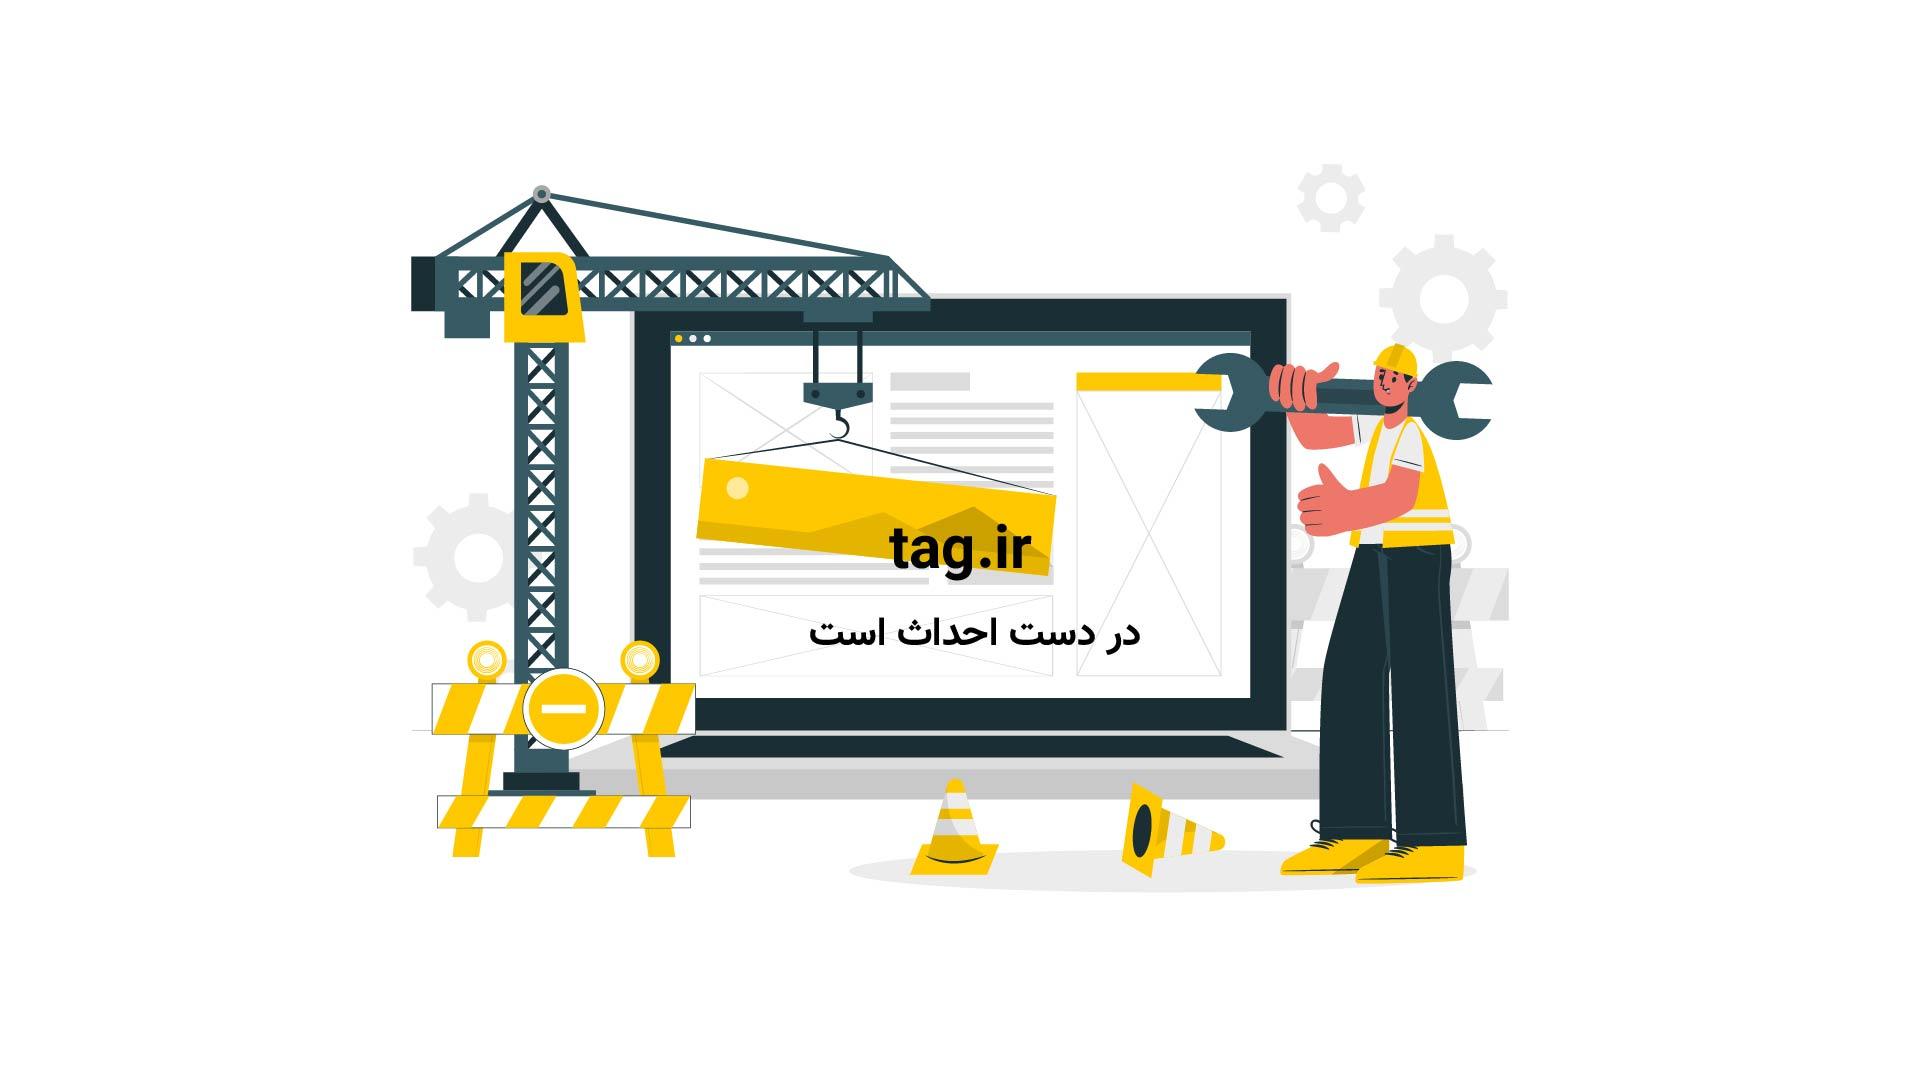 طوفان ایرما | تگ